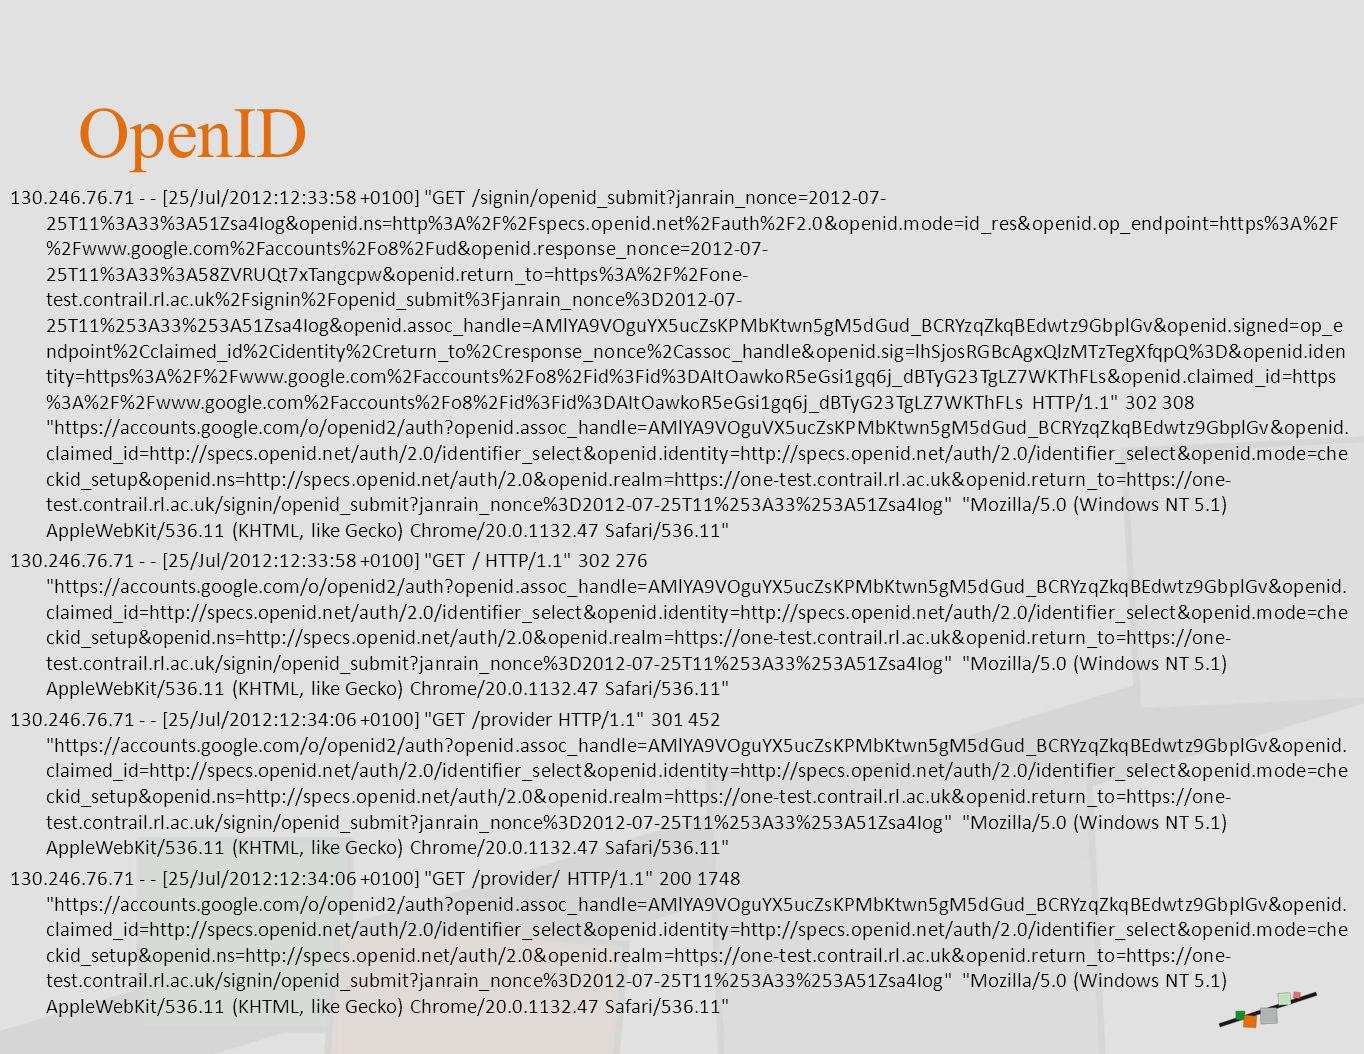 OpenID 130.246.76.71 - - [25/Jul/2012:12:33:58 +0100]